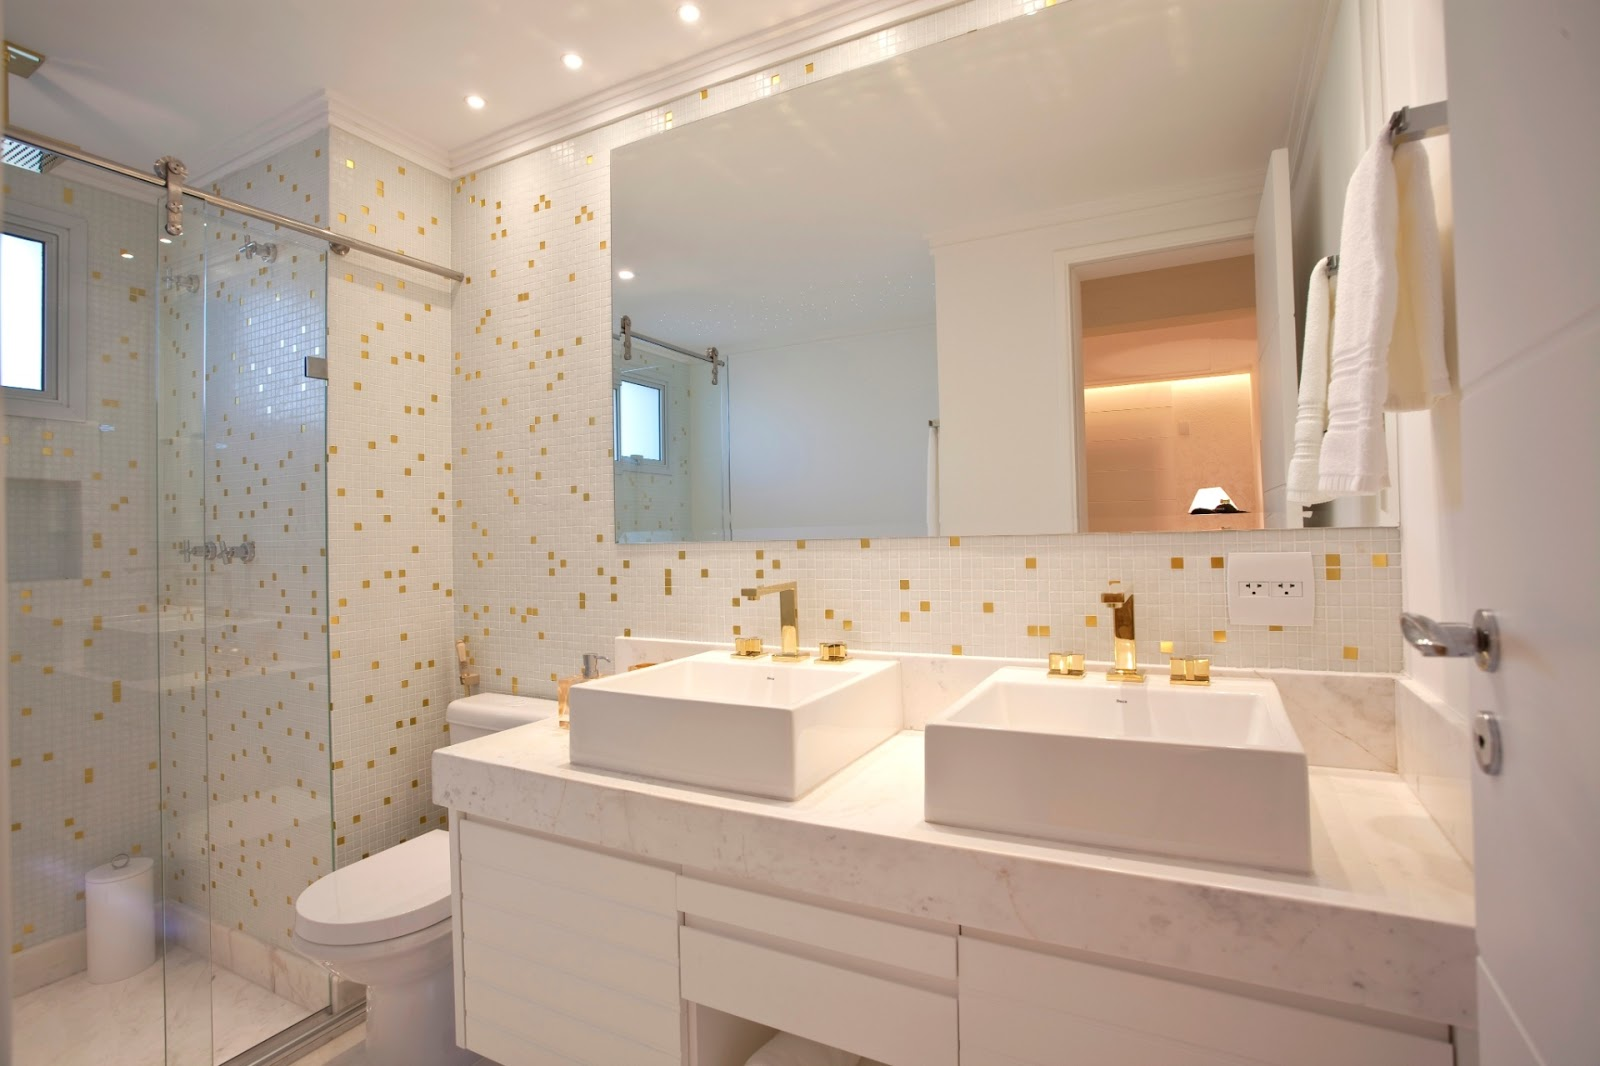 Metais dourados em banheiros e lavabos  veja lindos ambientes com essa tendê -> Cuba Para Banheiro Dupla